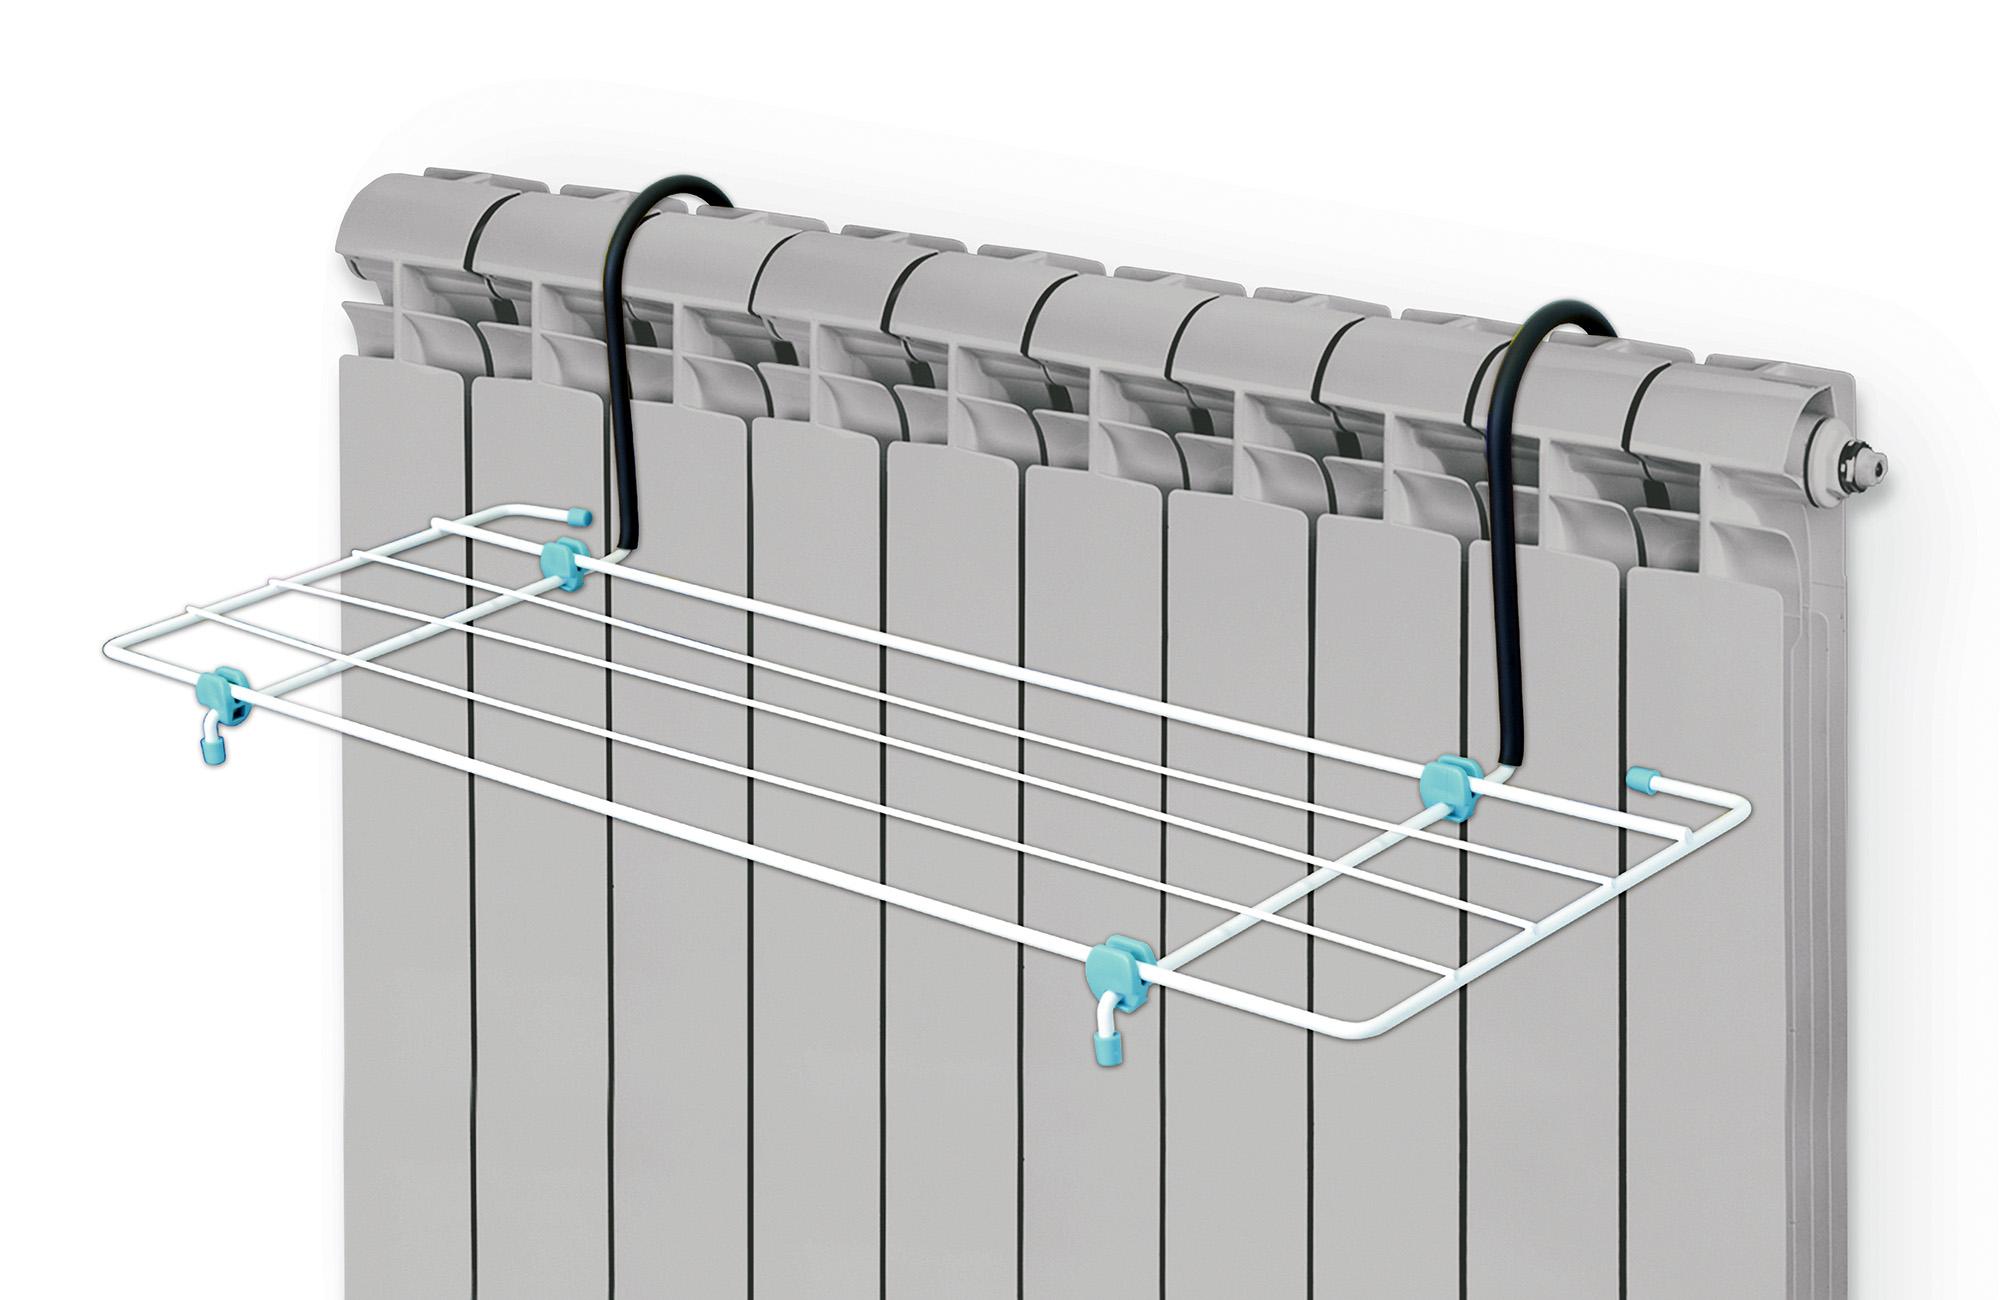 Сушилка для белья Nika, на батарею, цвет: белый, черный, бирюзовый, 45 х 23,5 смGC204/30Сушилка для белья Nika предназначена для просушки одежды и обуви. Изделие устанавливается на батареи любой конфигурации. Сушилка изготовлена из прочного и окрашенного метала с элементами пластика. Сушилка безопасна в использовании, так как все края надежно заделаны специальными заглушками. Общая длина сушильного полотна: 2.1 м.Максимальная нагрузка: 5 кг.Размер сушилки: 45 х 23,5 см.